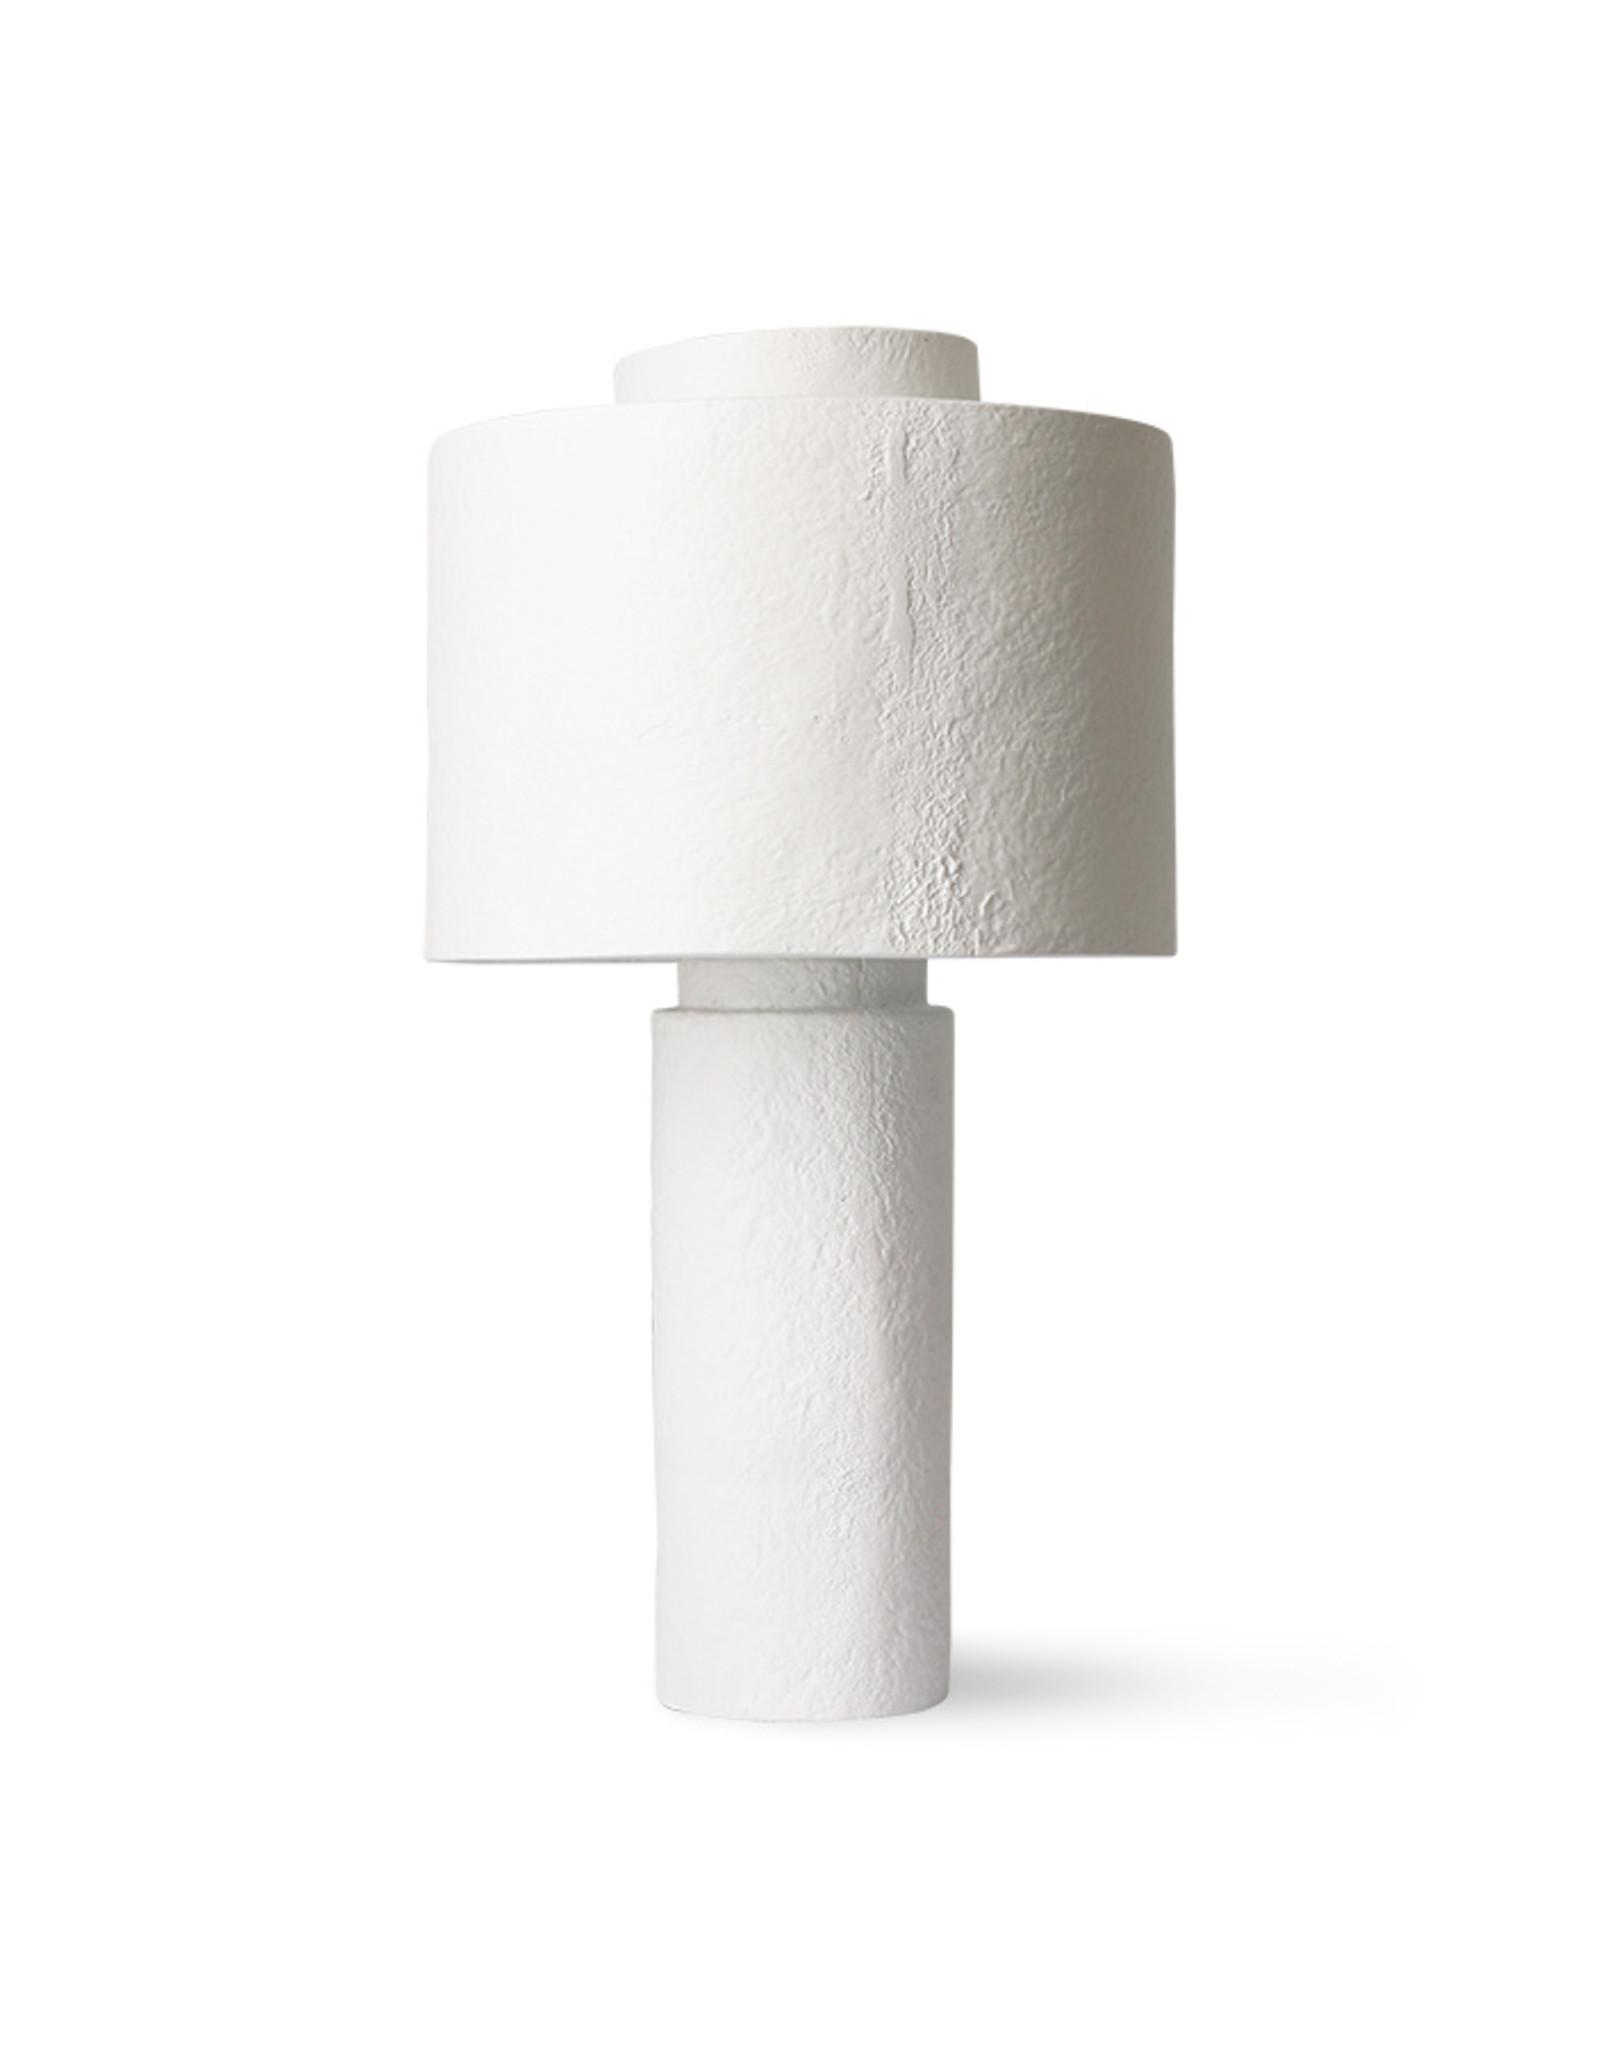 Tafellamp Gesso - matt white